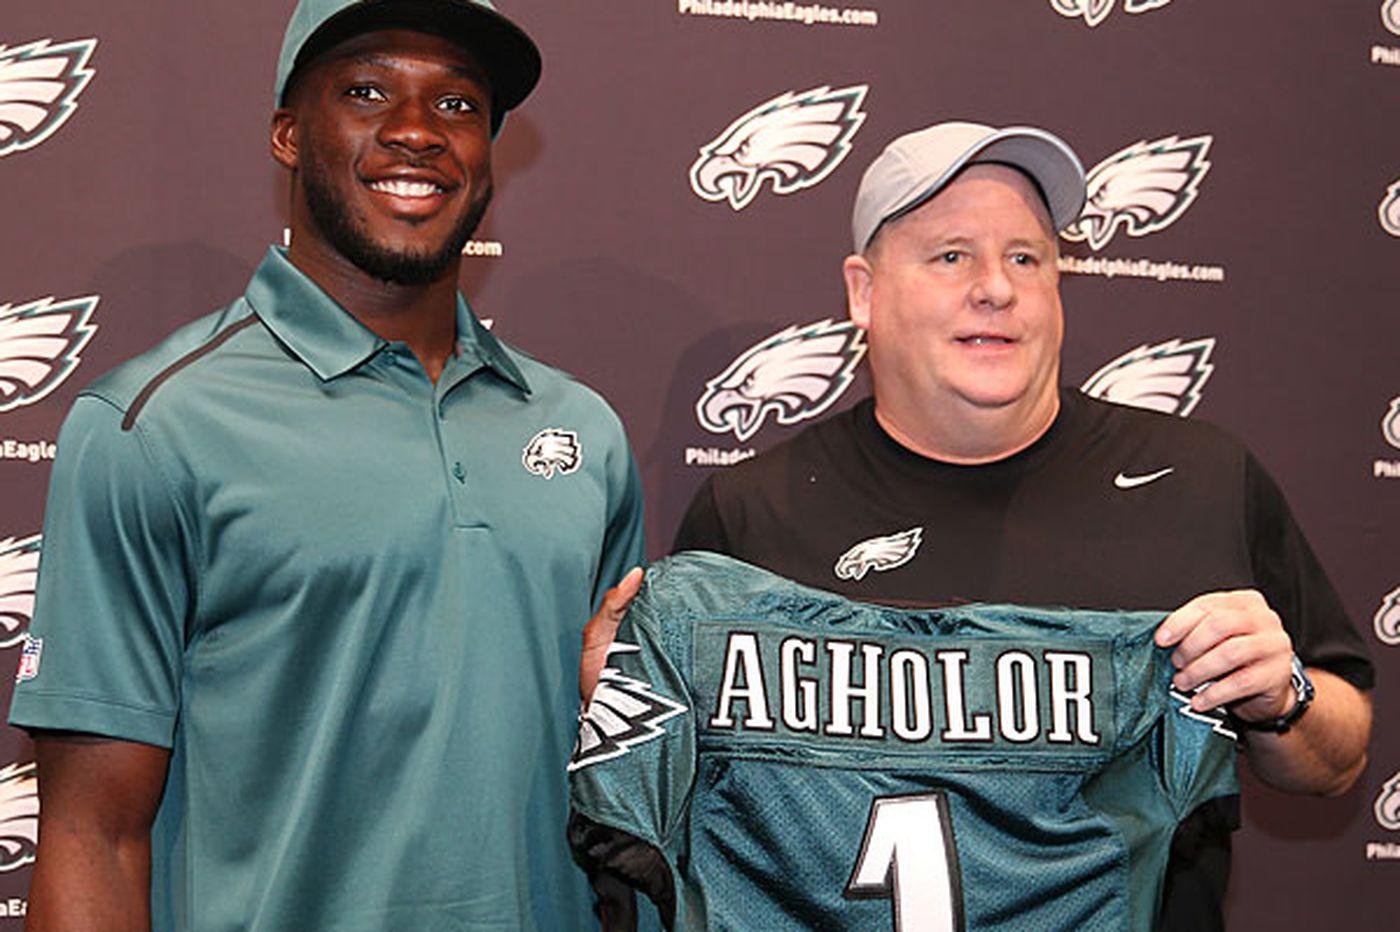 Eagles sign top pick Agholor